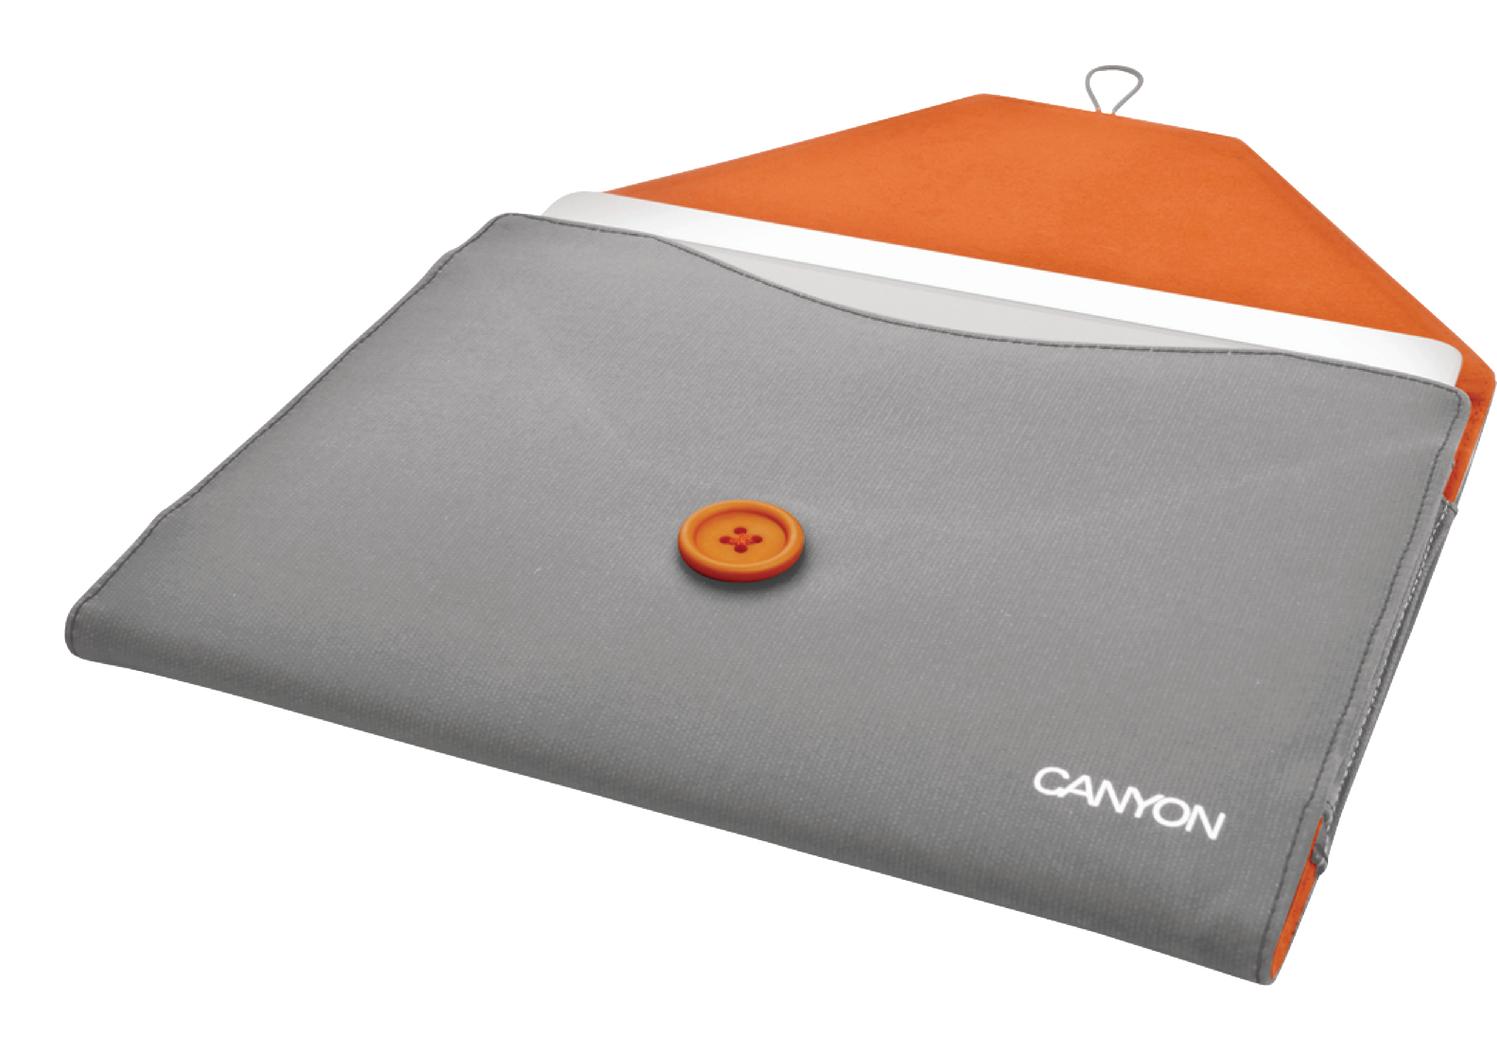 Canyon Cna-ips01 gr Ipad 2-3-4 Beschermhoes Grijs